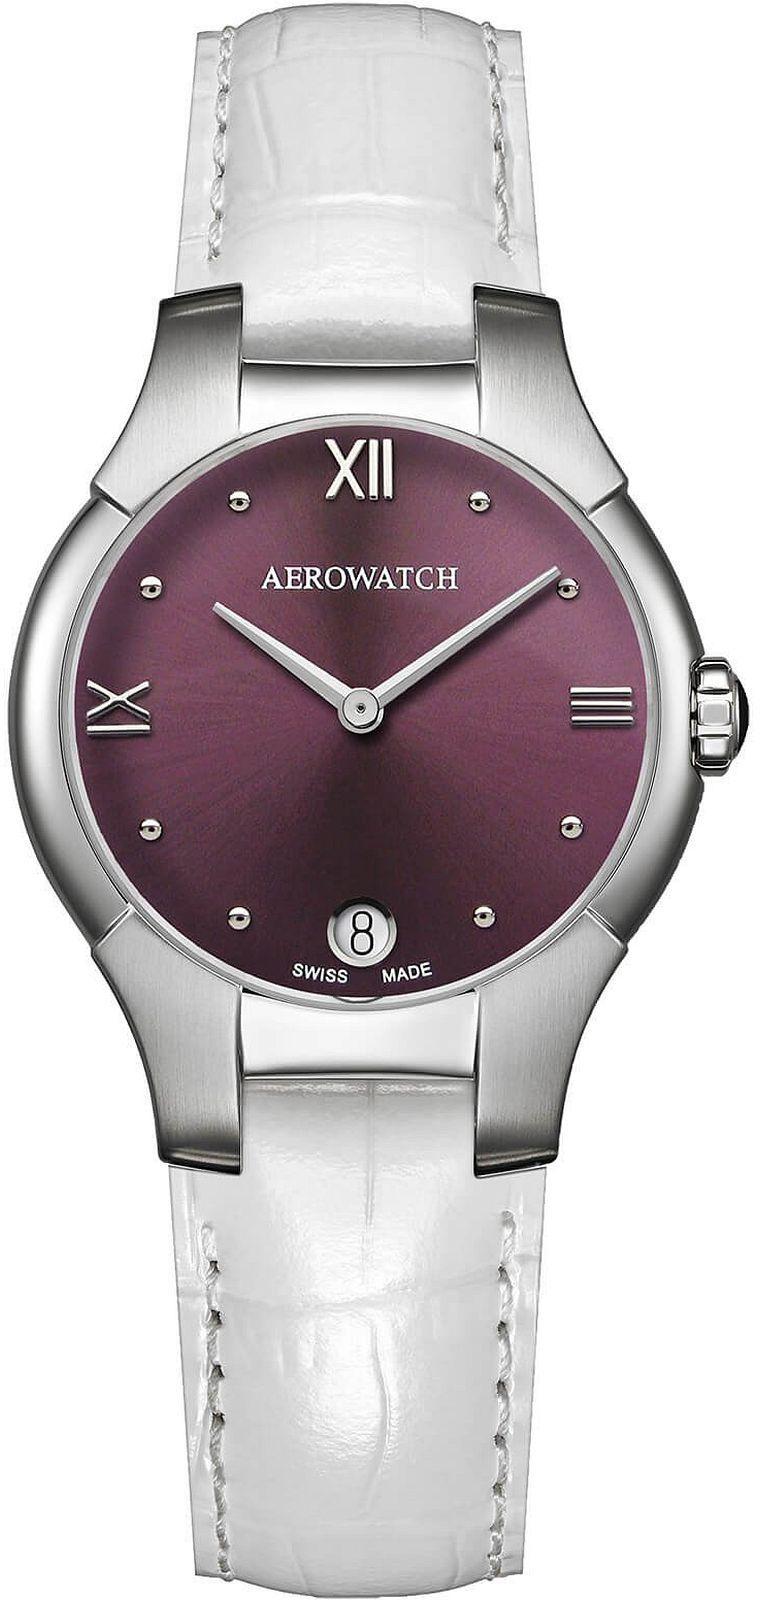 Aerowatch 06964-AA08 > Wysyłka tego samego dnia Grawer 0zł Darmowa dostawa Kurierem/Inpost Darmowy zwrot przez 100 DNI